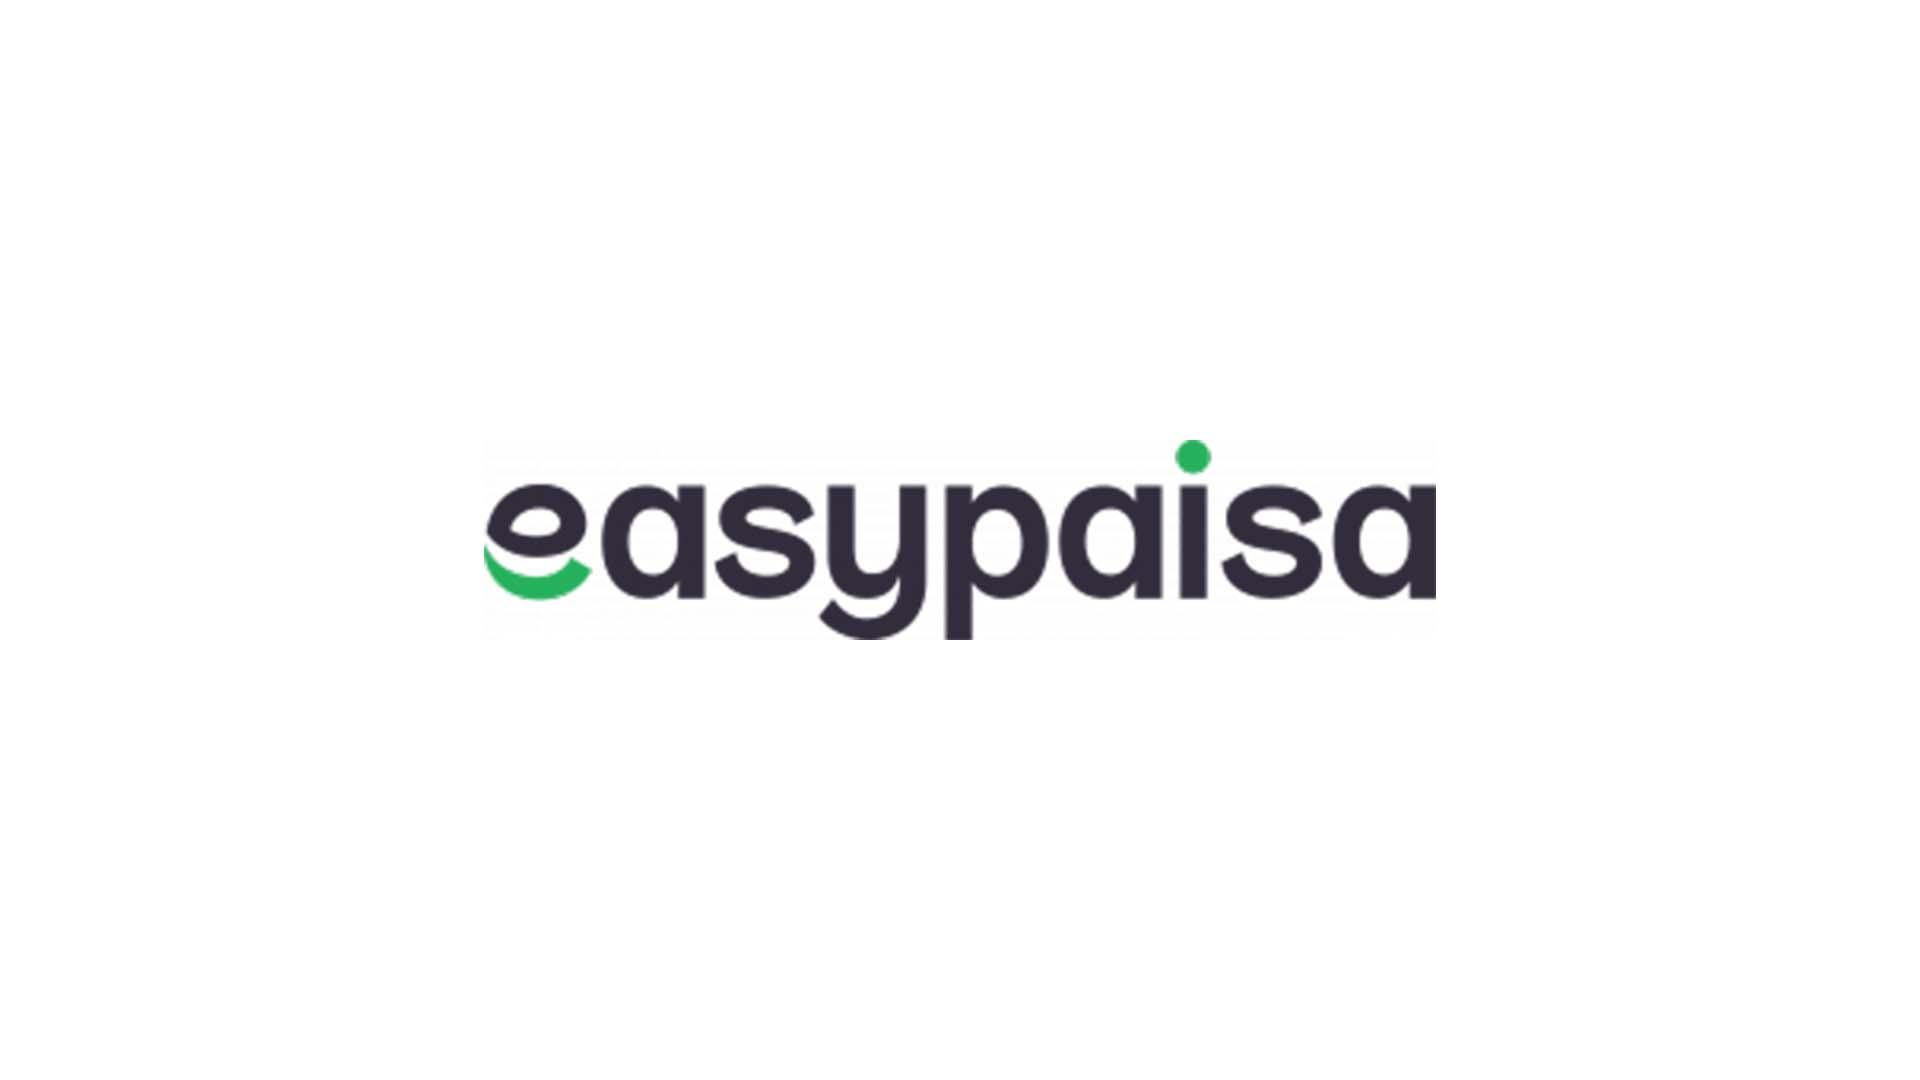 easypaisa-techjuice